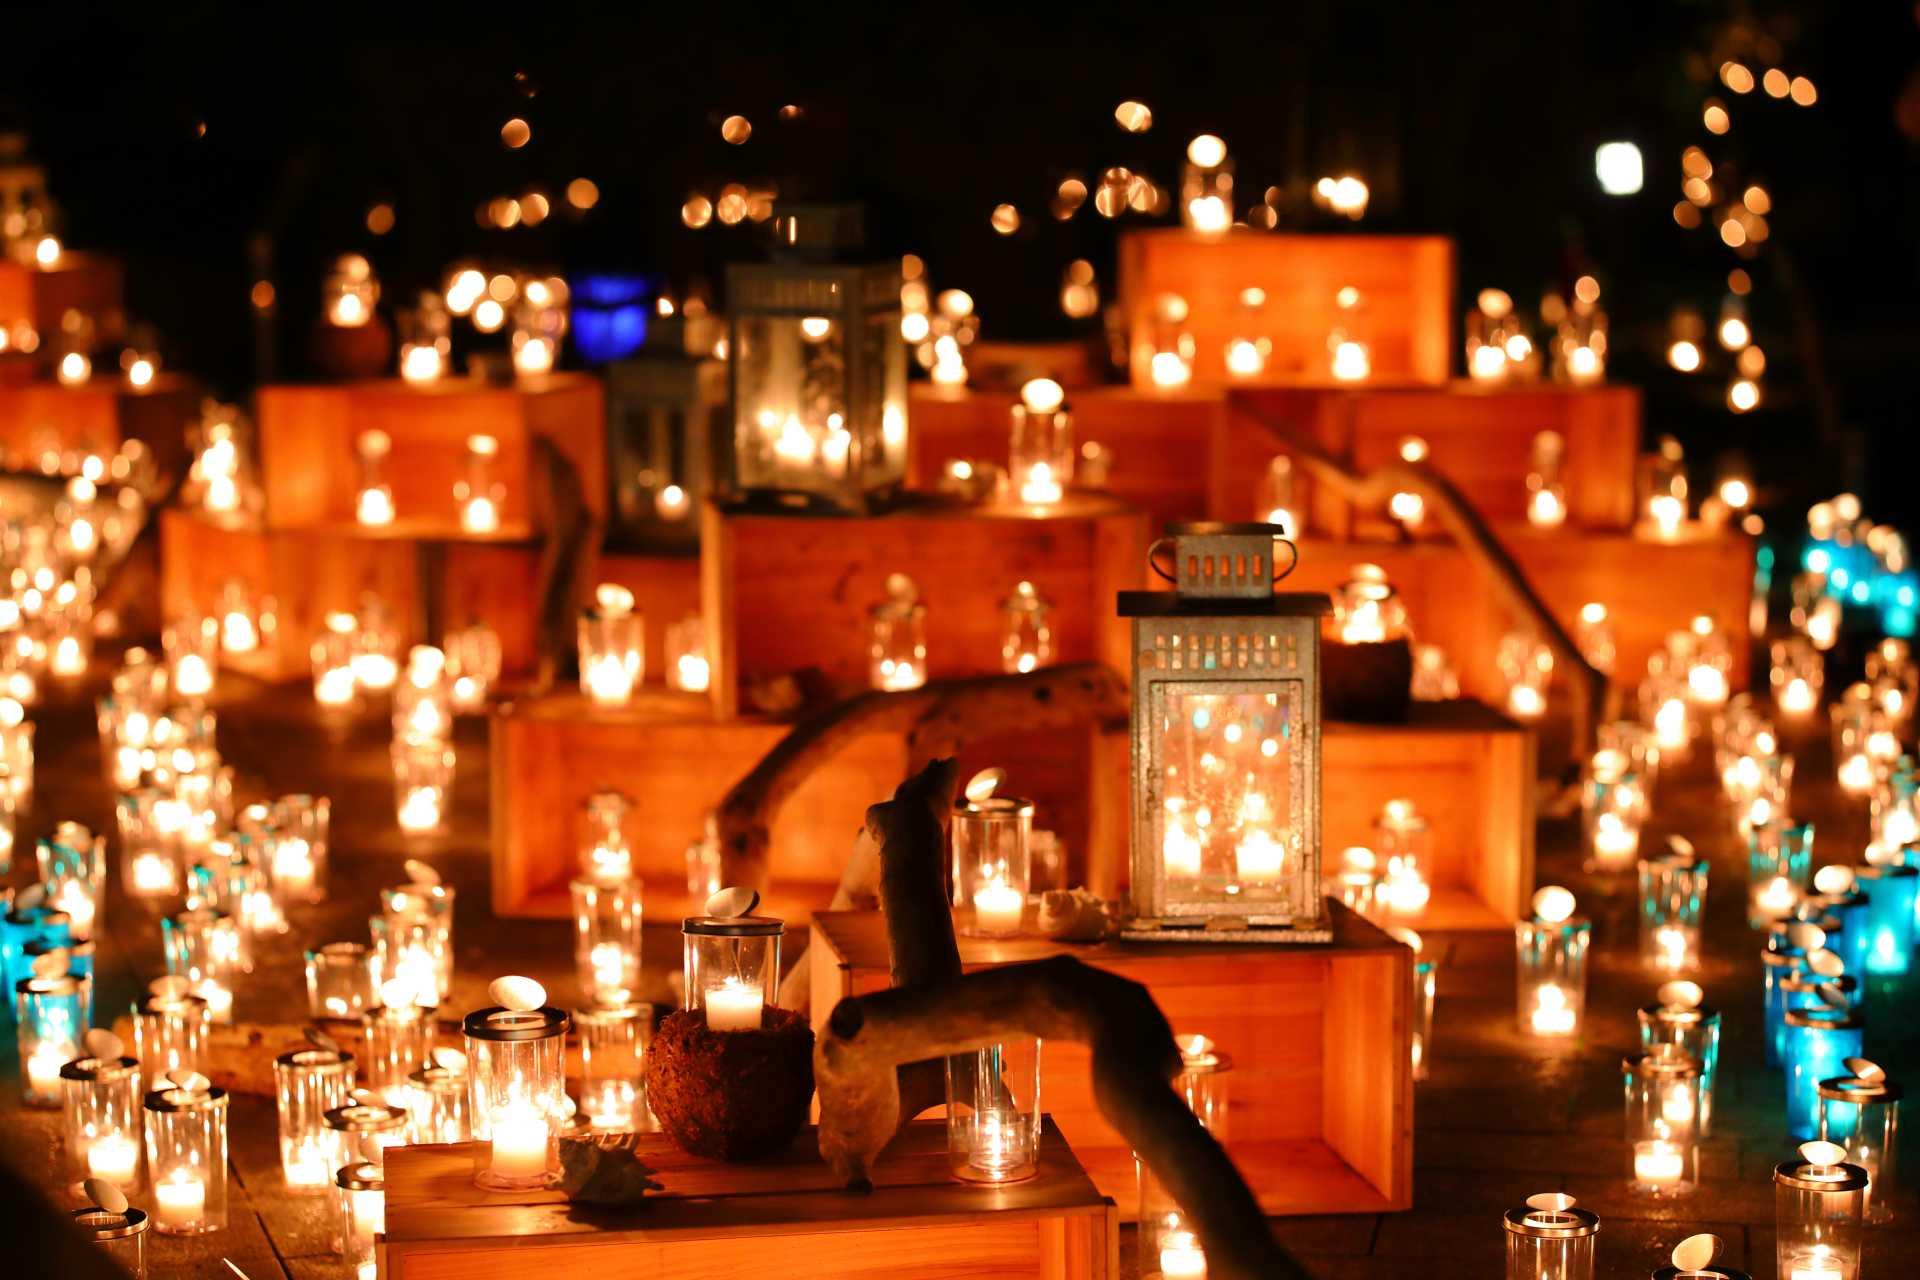 10月23日(金)の湘南キャンドル2020の開催は中止です